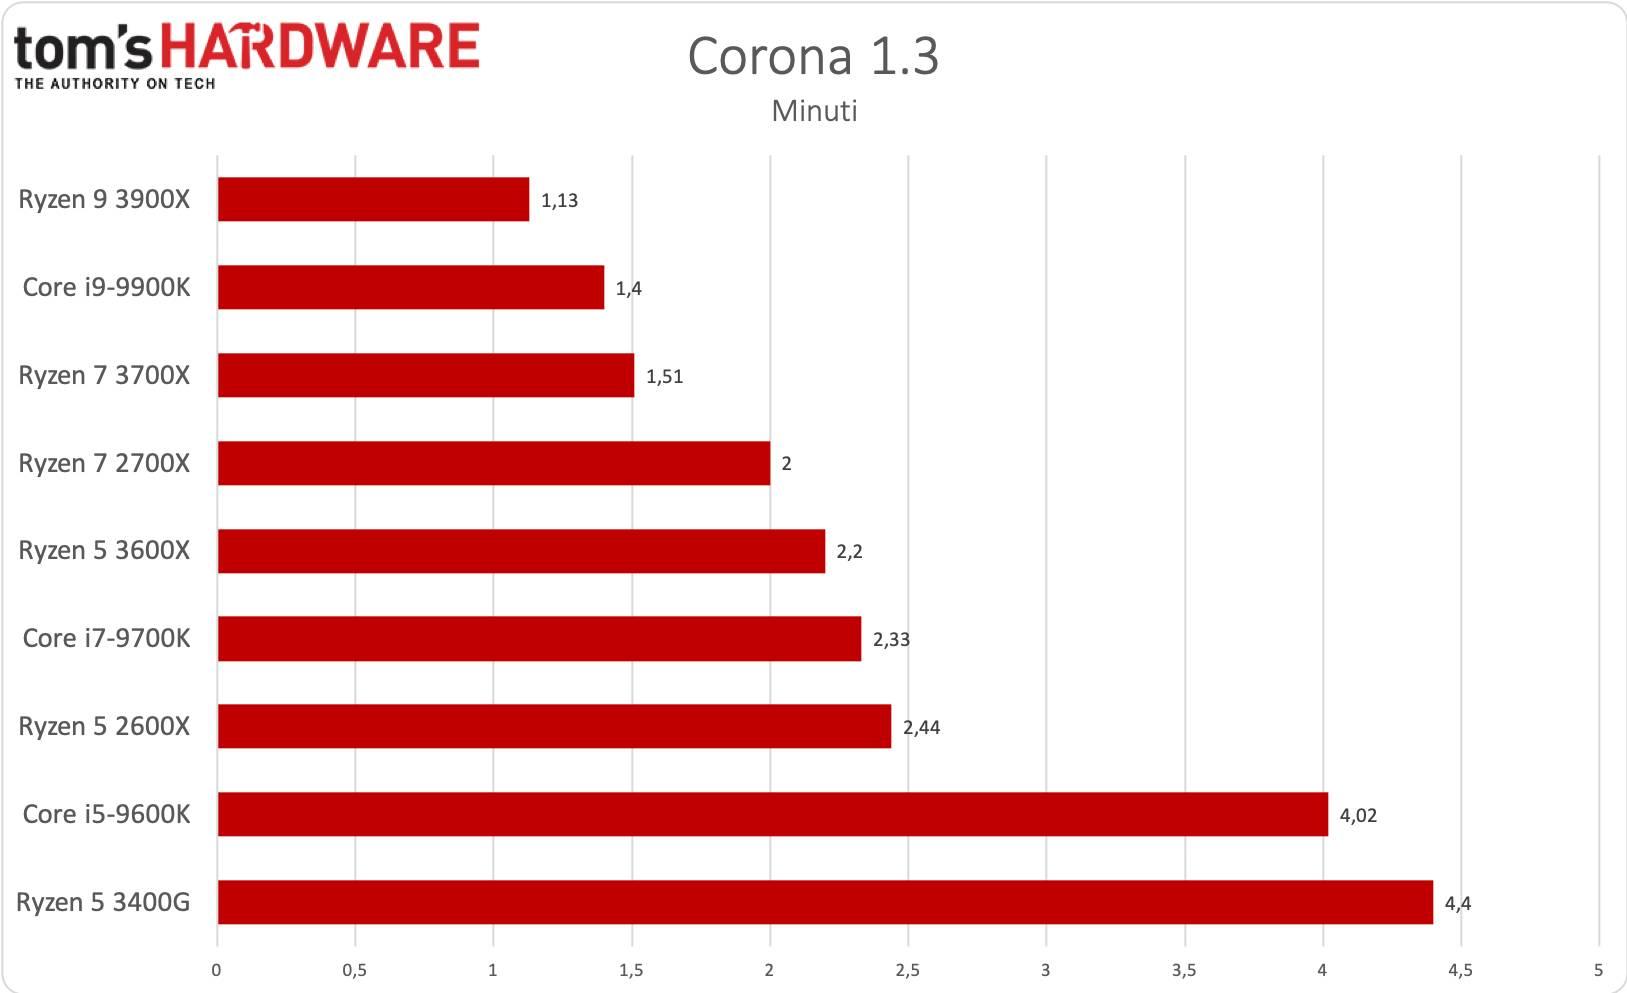 Ryzen 5 - Corona 1.3